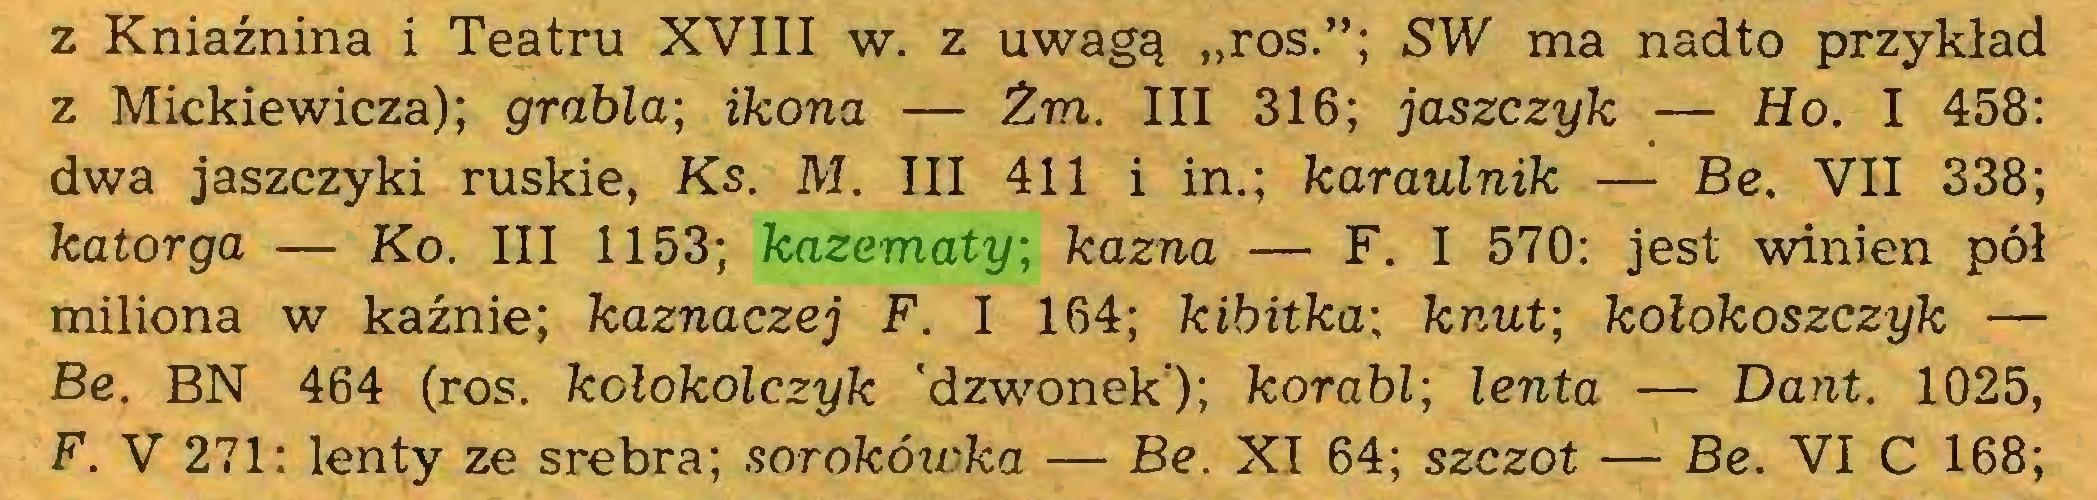 """(...) z Kniaźnina i Teatru XVIII w. z uwagą """"ros.""""; SW ma nadto przykład z Mickiewicza); grabla\ ikona — Żm. III 316; jaszczyk — Ho. I 458: dwa jaszczyki ruskie, Ks. M. III 411 i in.; karaulnik — Be. VII 338; katorga — Ko. III 1153; kazematy; kazna — F. I 570: jest winien pół miliona w kaźnie; kaznaczej F. I 164; kibitka; knut; kołokoszczyk — Be. BN 464 (ros. kołokolczyk 'dzwonek); korabl\ lenta — Dant. 1025, F. V 271: lenty ze srebra; sorokówka — Be. XI 64; szczot — Be. VI C 168;..."""